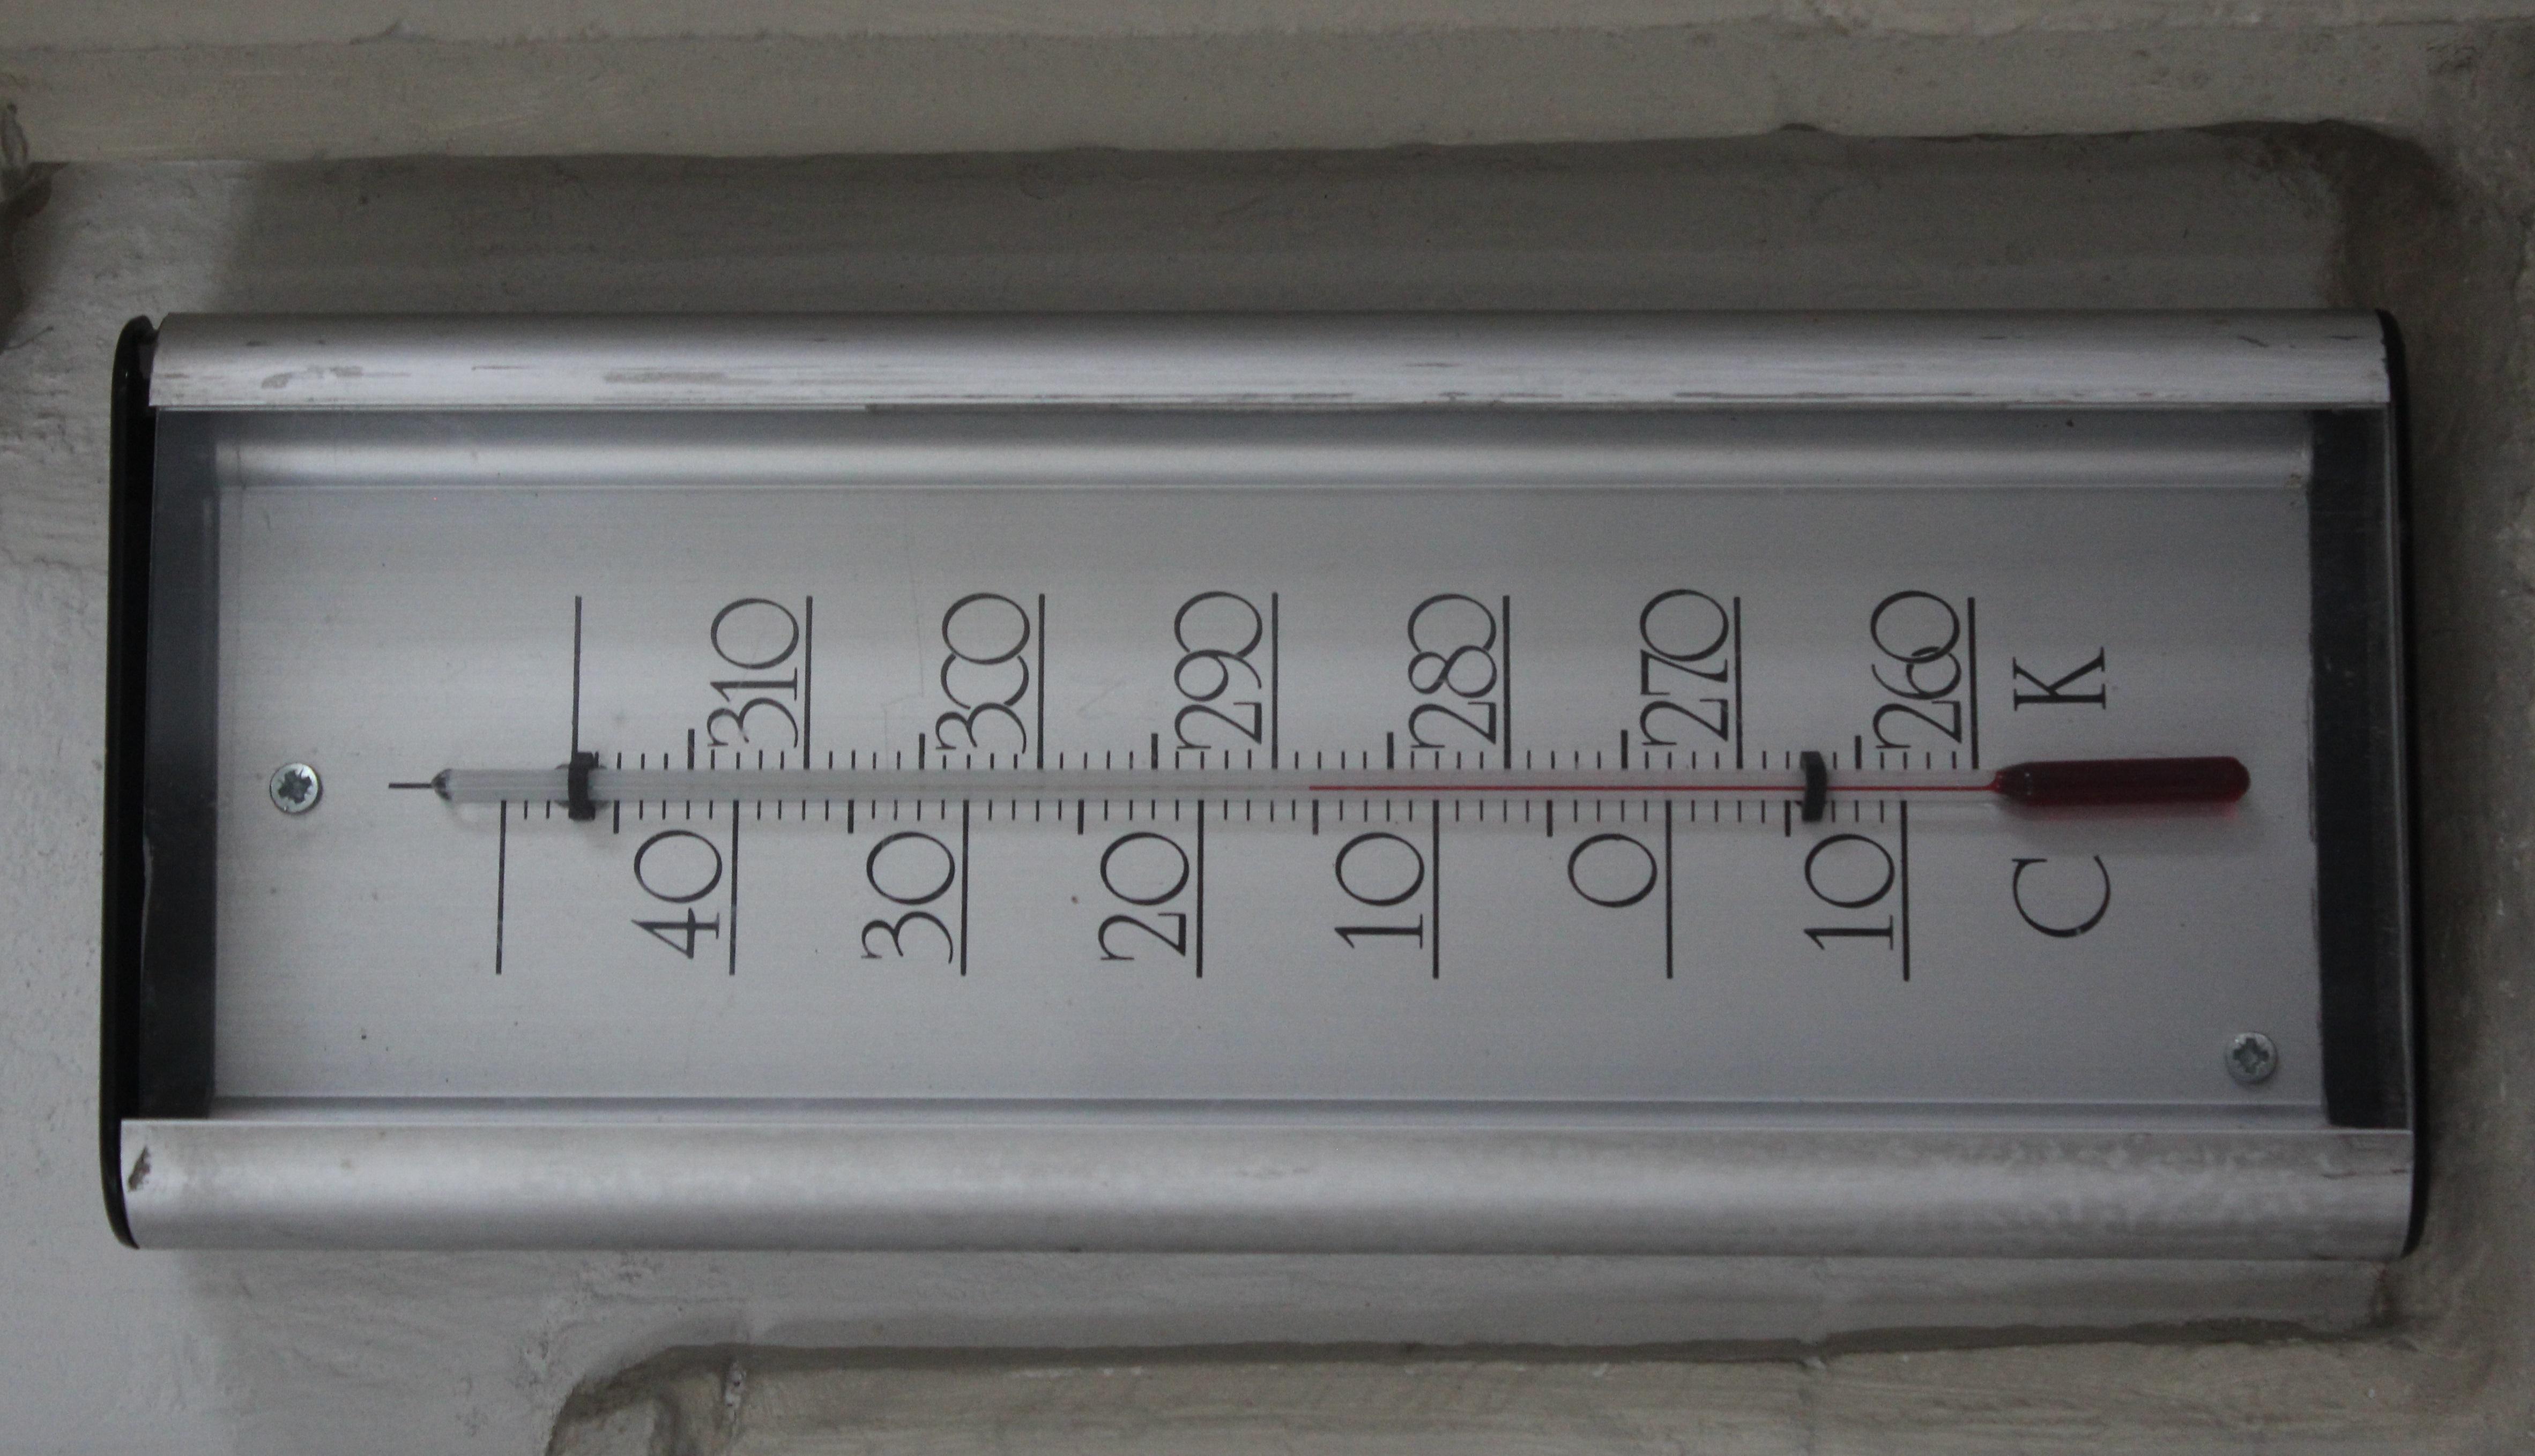 celsiuskelvinthermometer.jpg